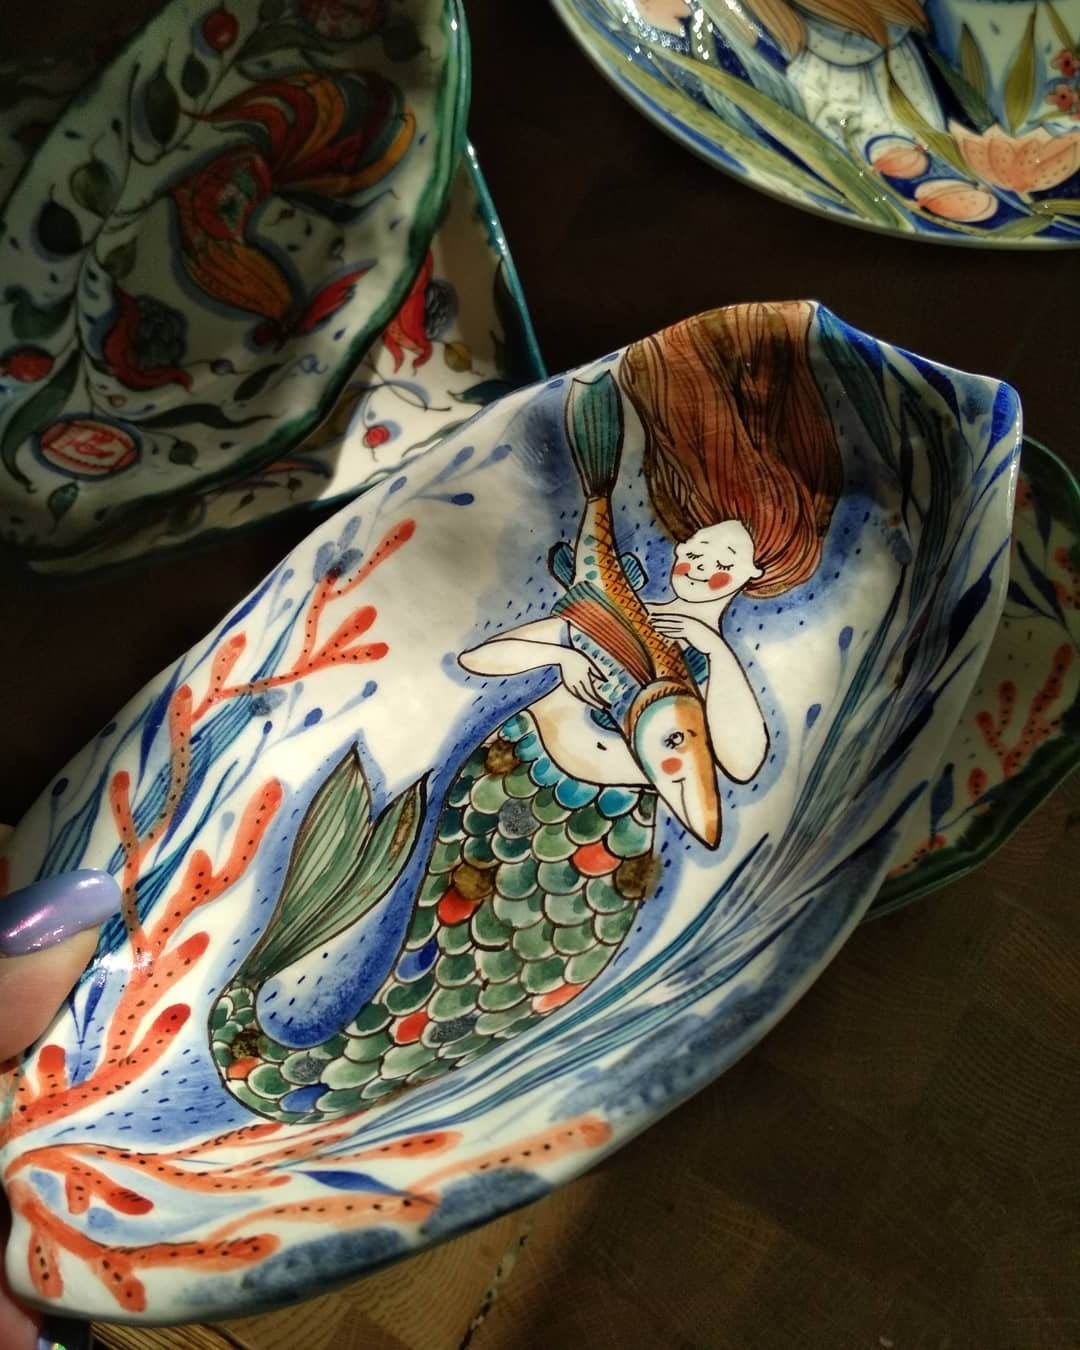 Русалка | Волшебная керамика, которая влюбляет в себя с первого взгляда | Brain Berries